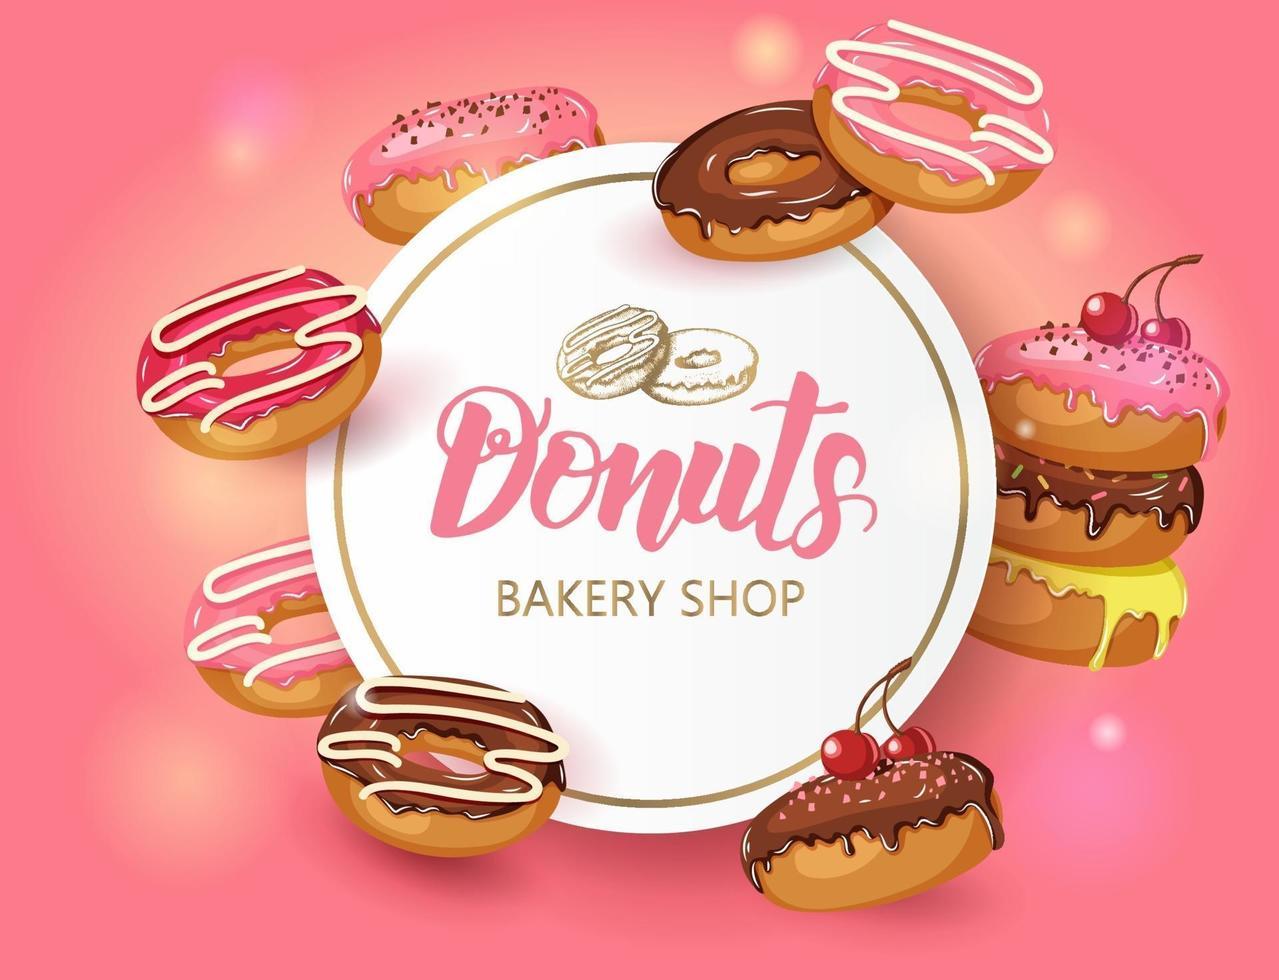 Vektor süßer Hintergrundrahmen mit glasierten Donuts mit Kirsche und Pulver. Wüstenplakat für Menü und Banner. Food Design